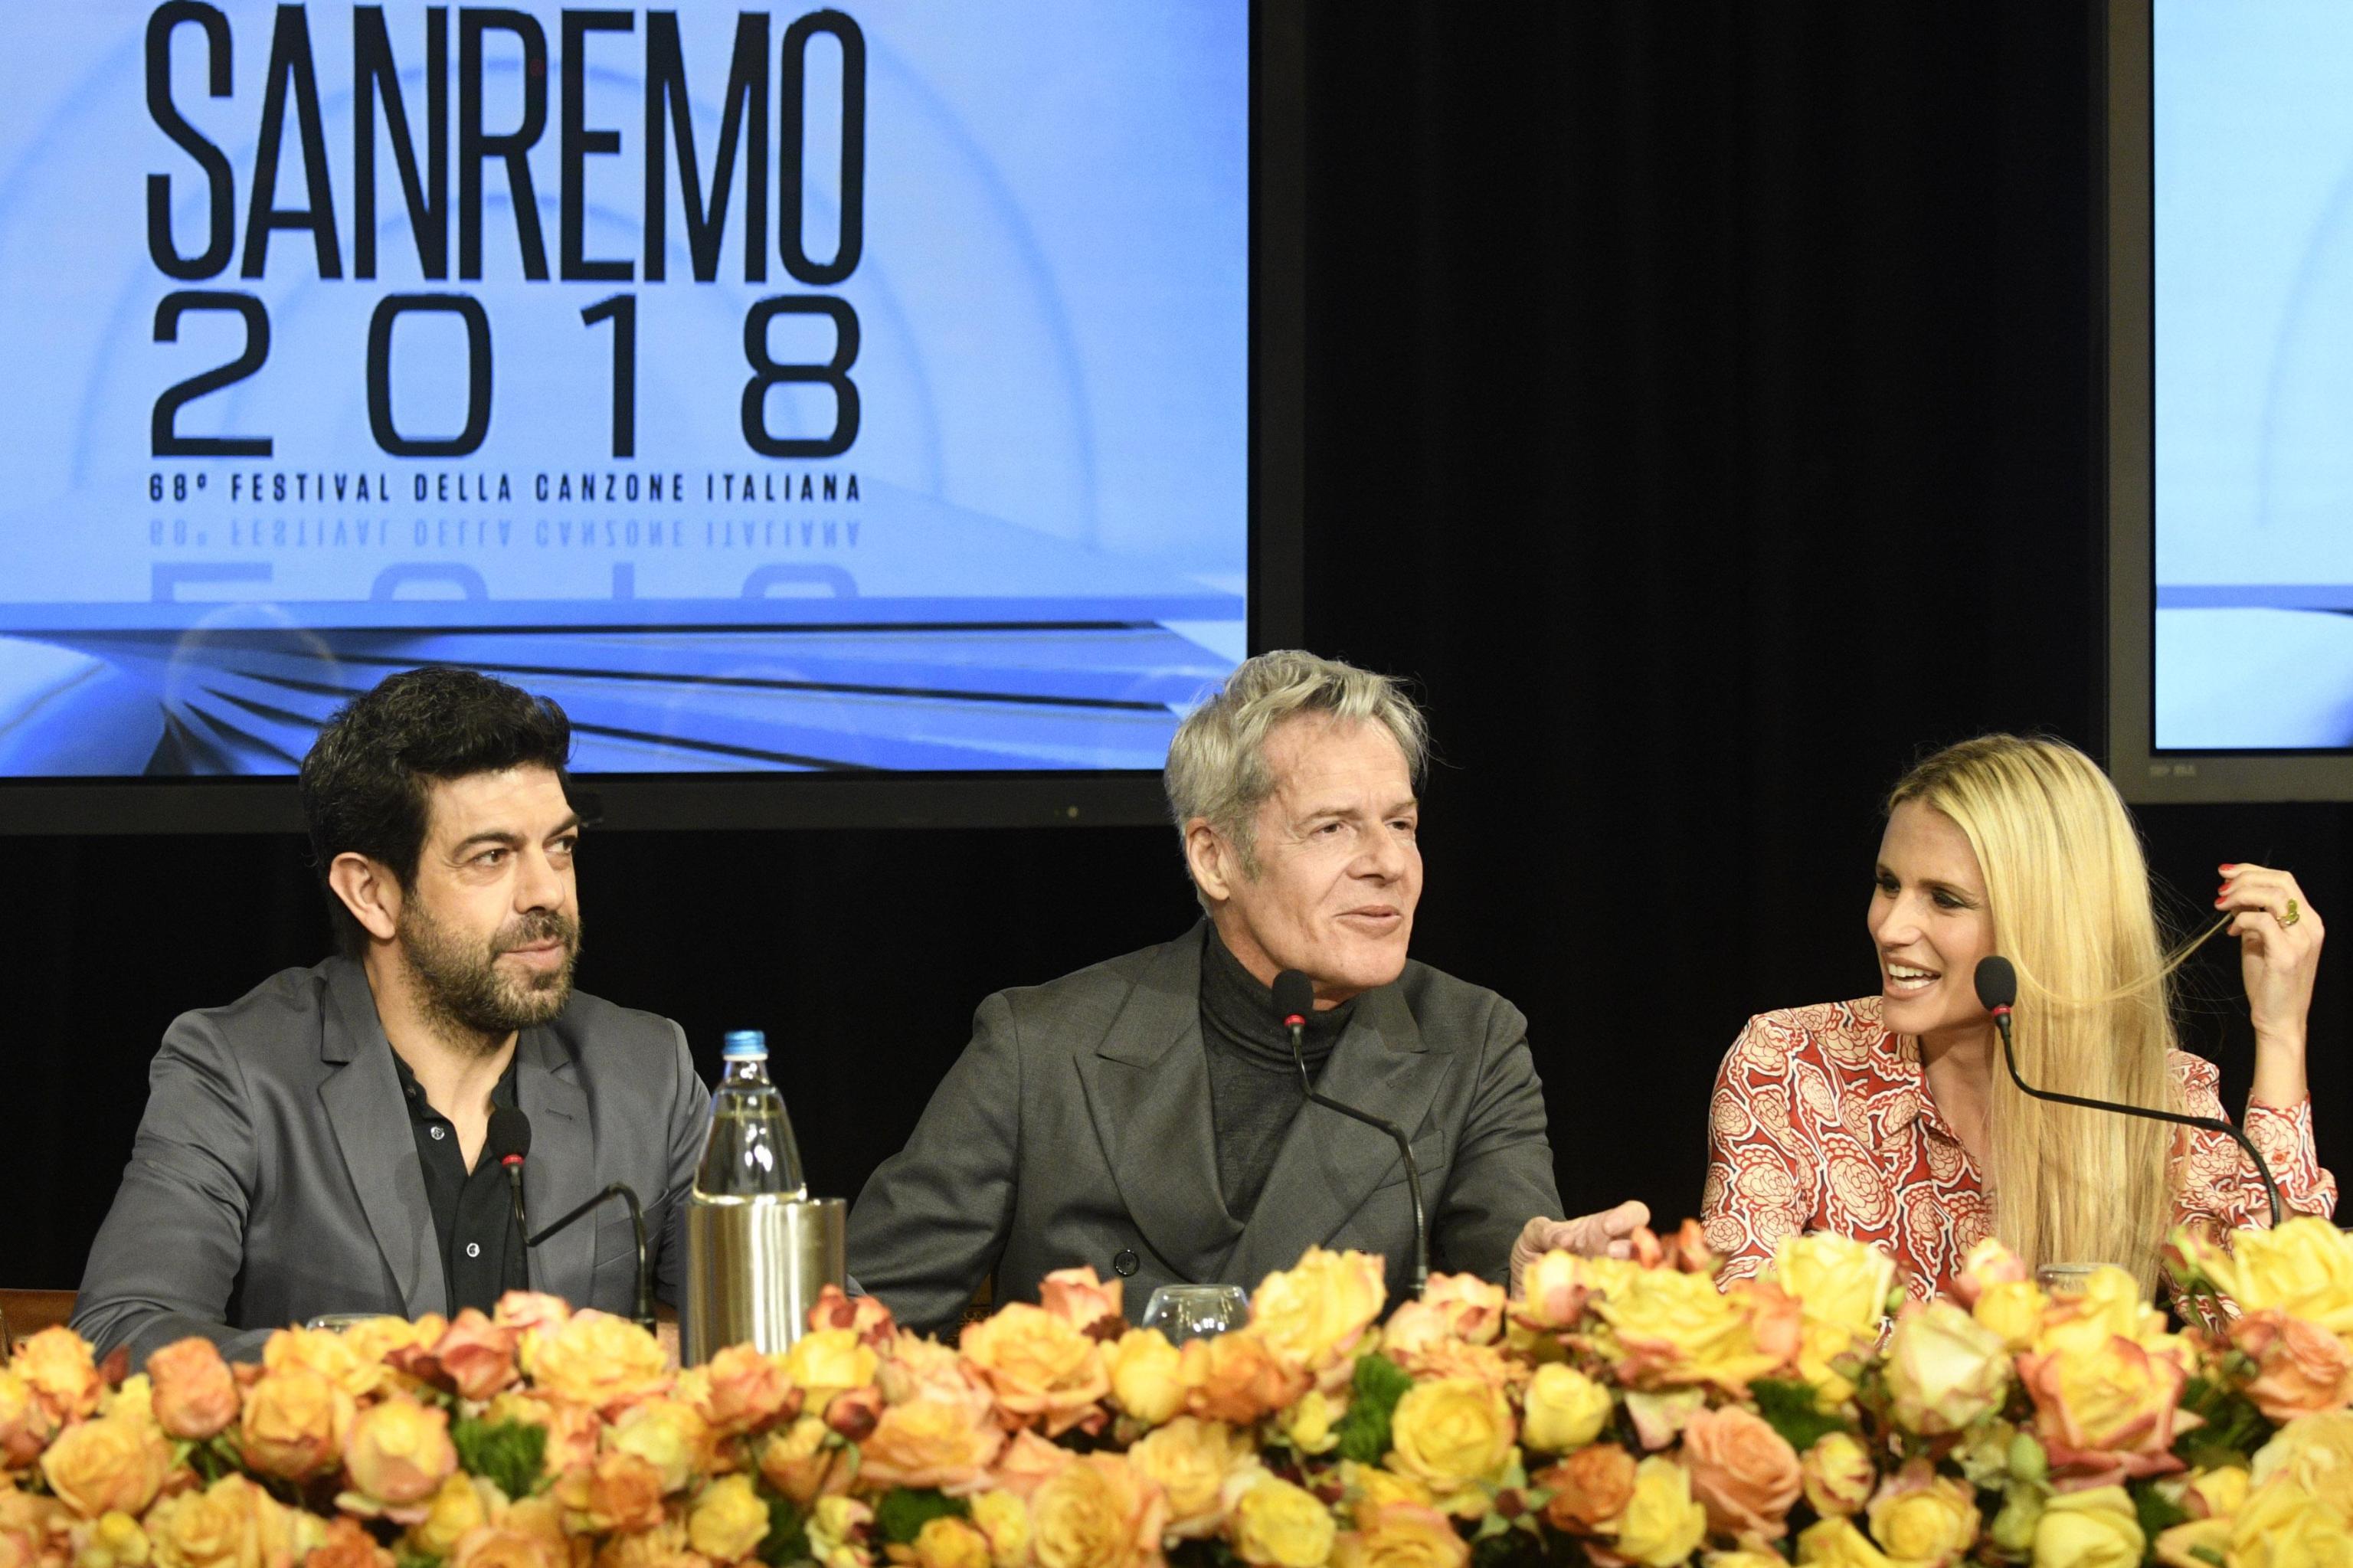 Sanremo 2018, i compensi dei conduttori: 600 mila euro per Baglioni